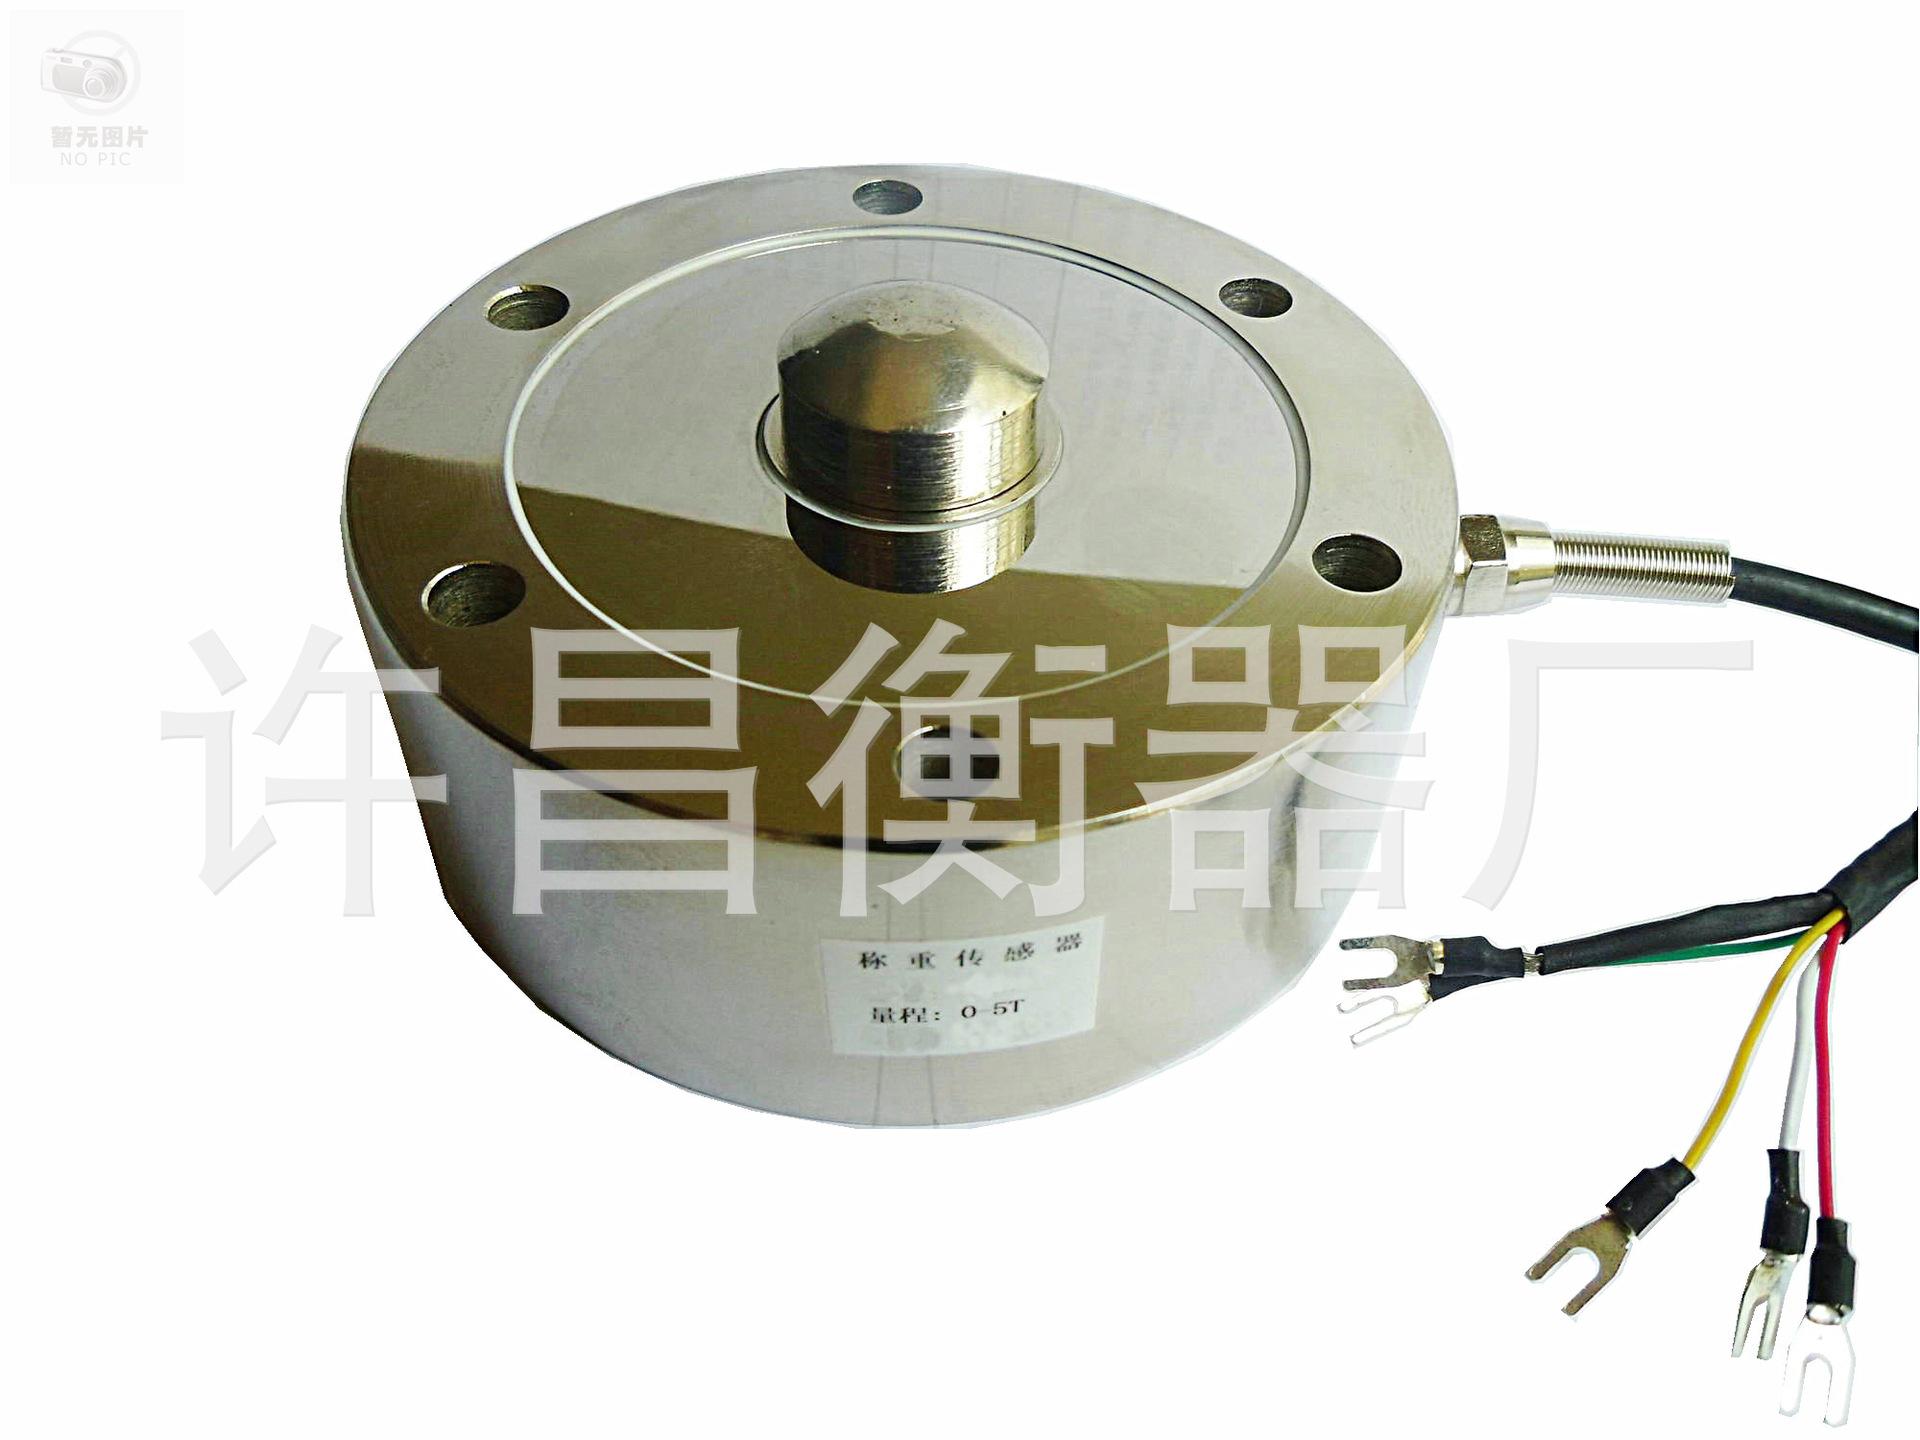 传感器厂家推荐高精度传感器 天平称重传感器 测力传感器